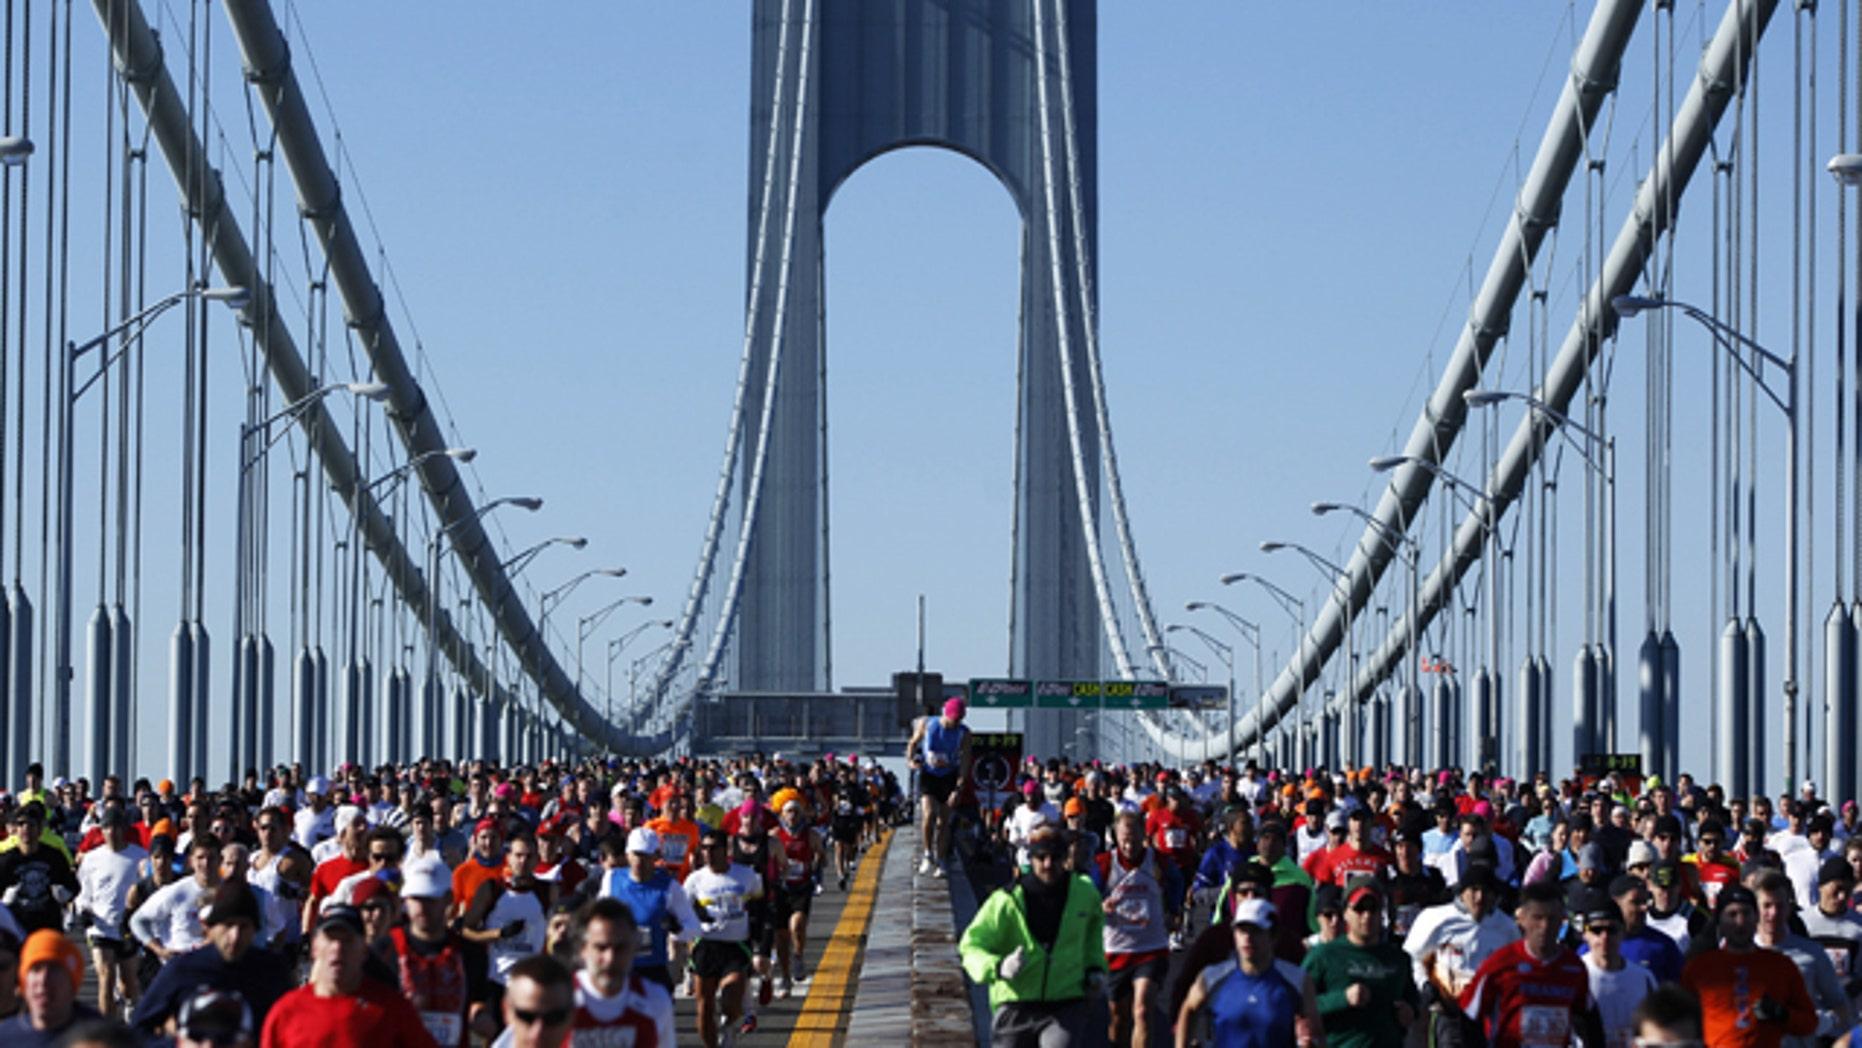 Runners cross the Verrazano-Narrows Bridge during the New York Marathon November 7, 2010.